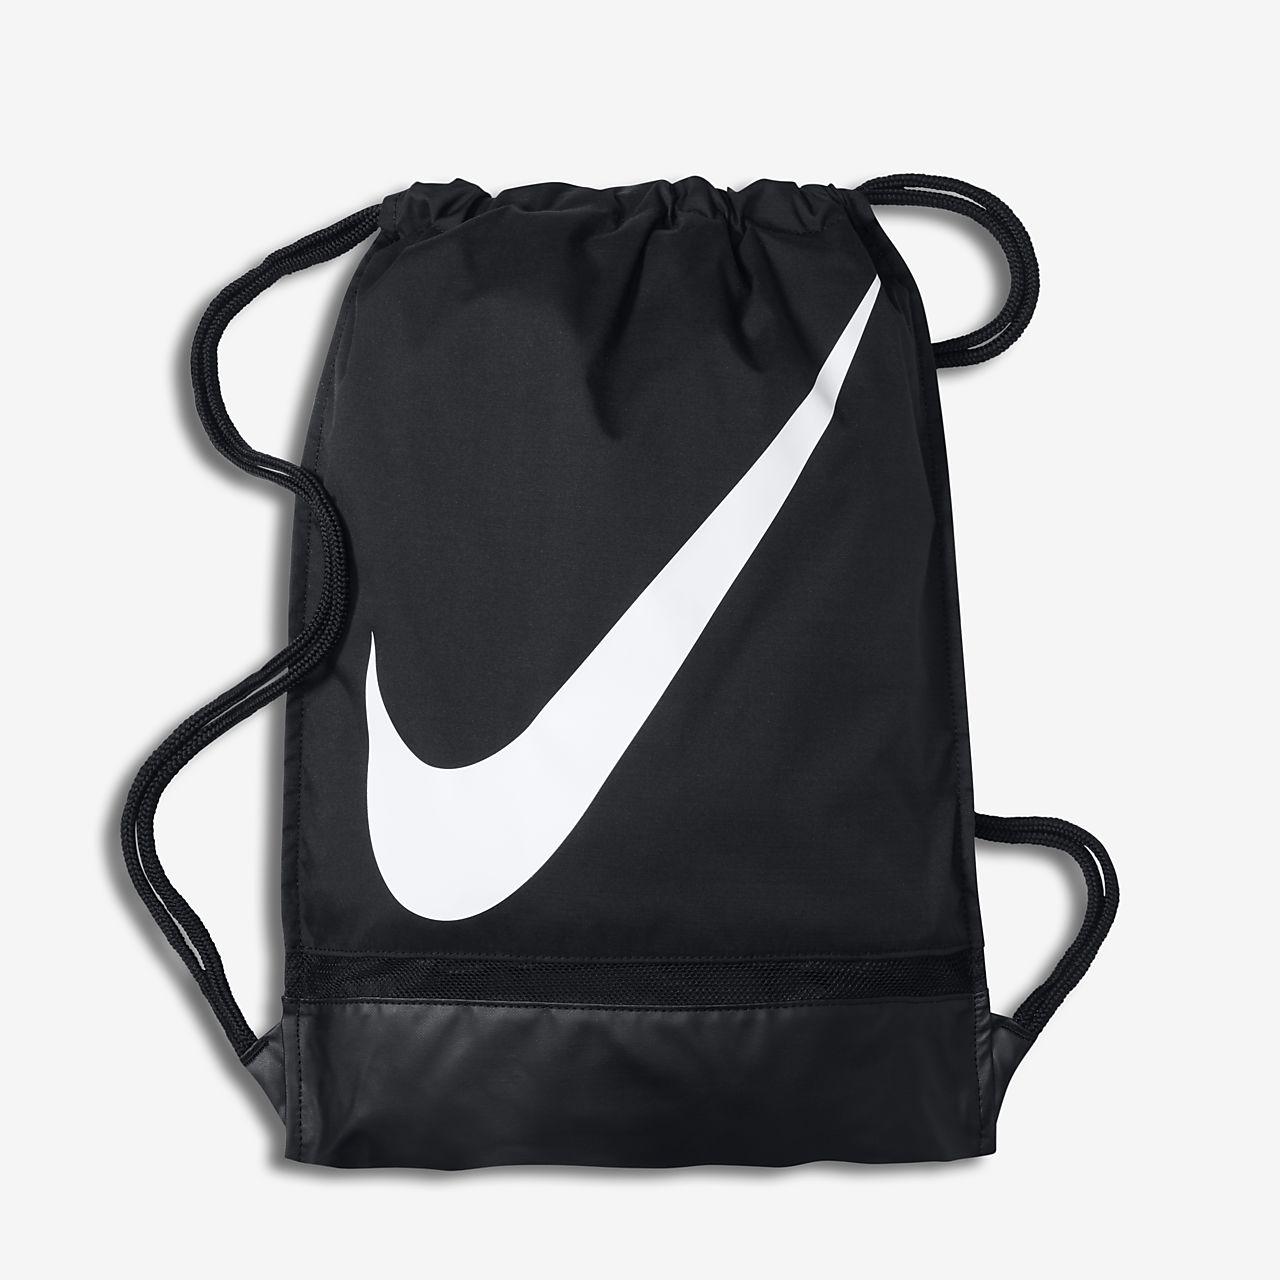 32ff96117c Sac de gym Nike Soccer. Nike.com CA